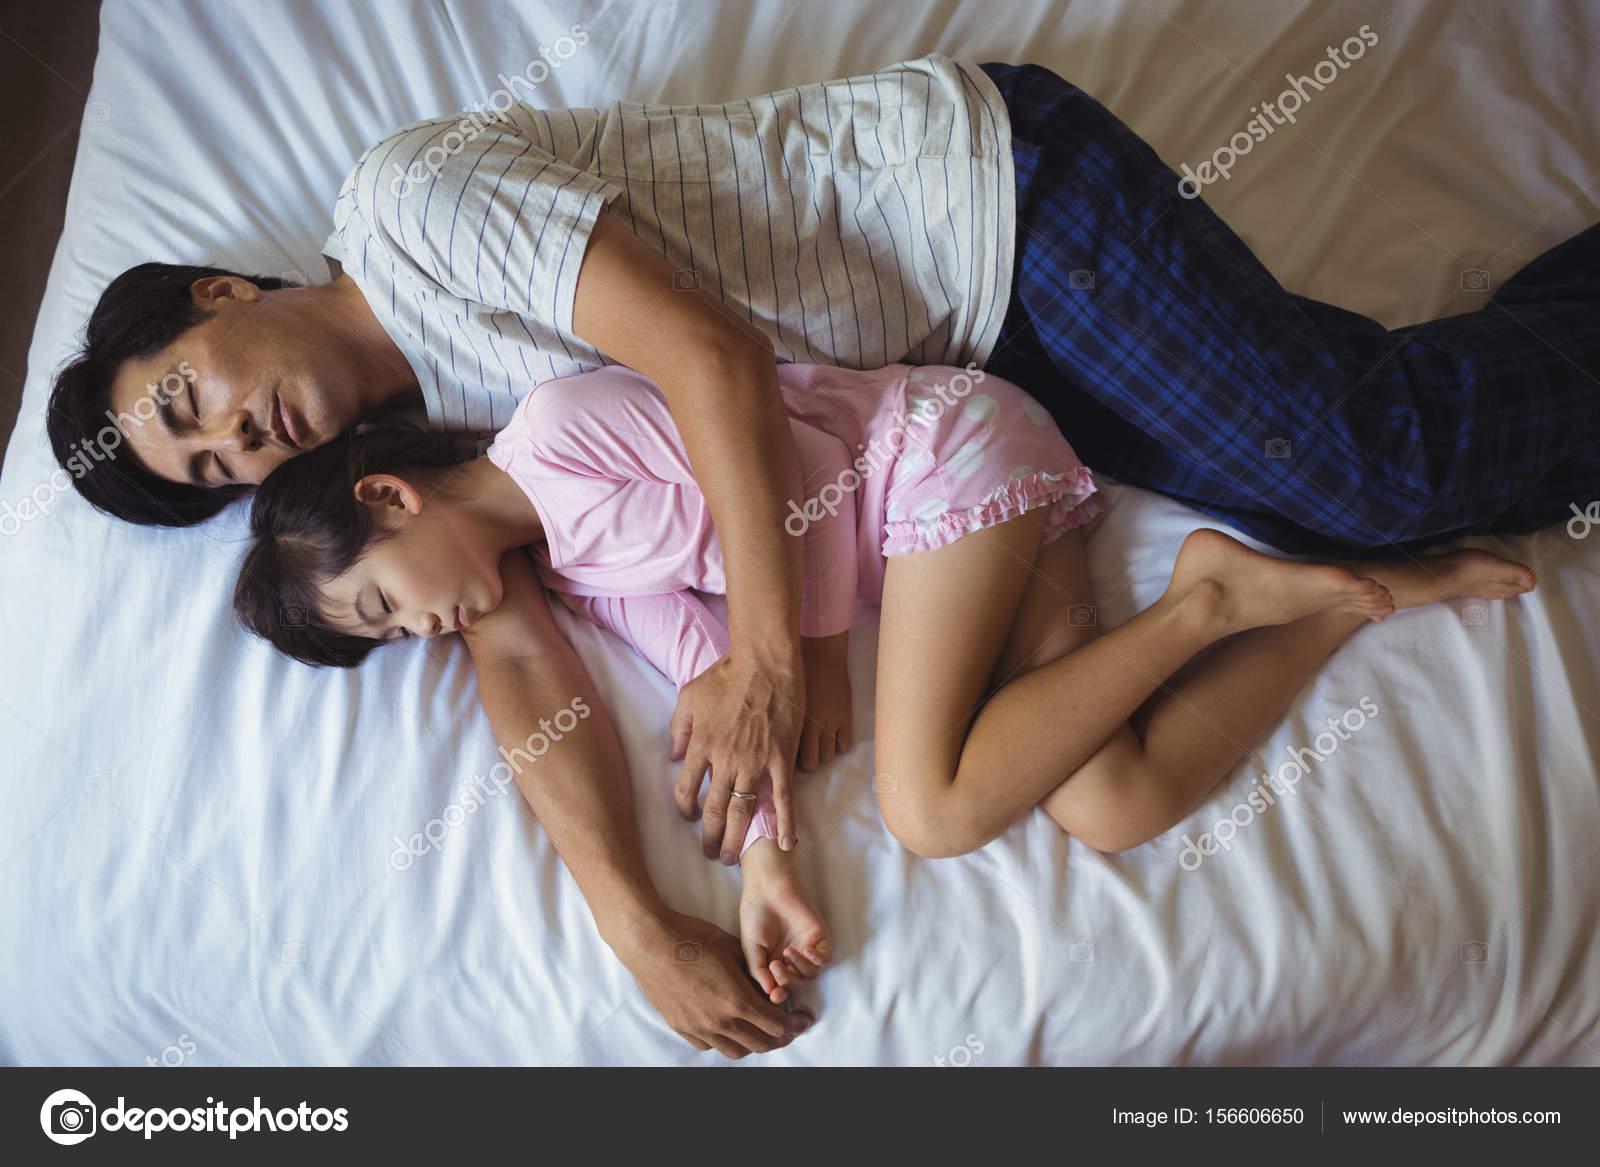 Рассказы трахнул спящую маму, Порно рассказы спящая мама читайте бесплатно онлайн 22 фотография